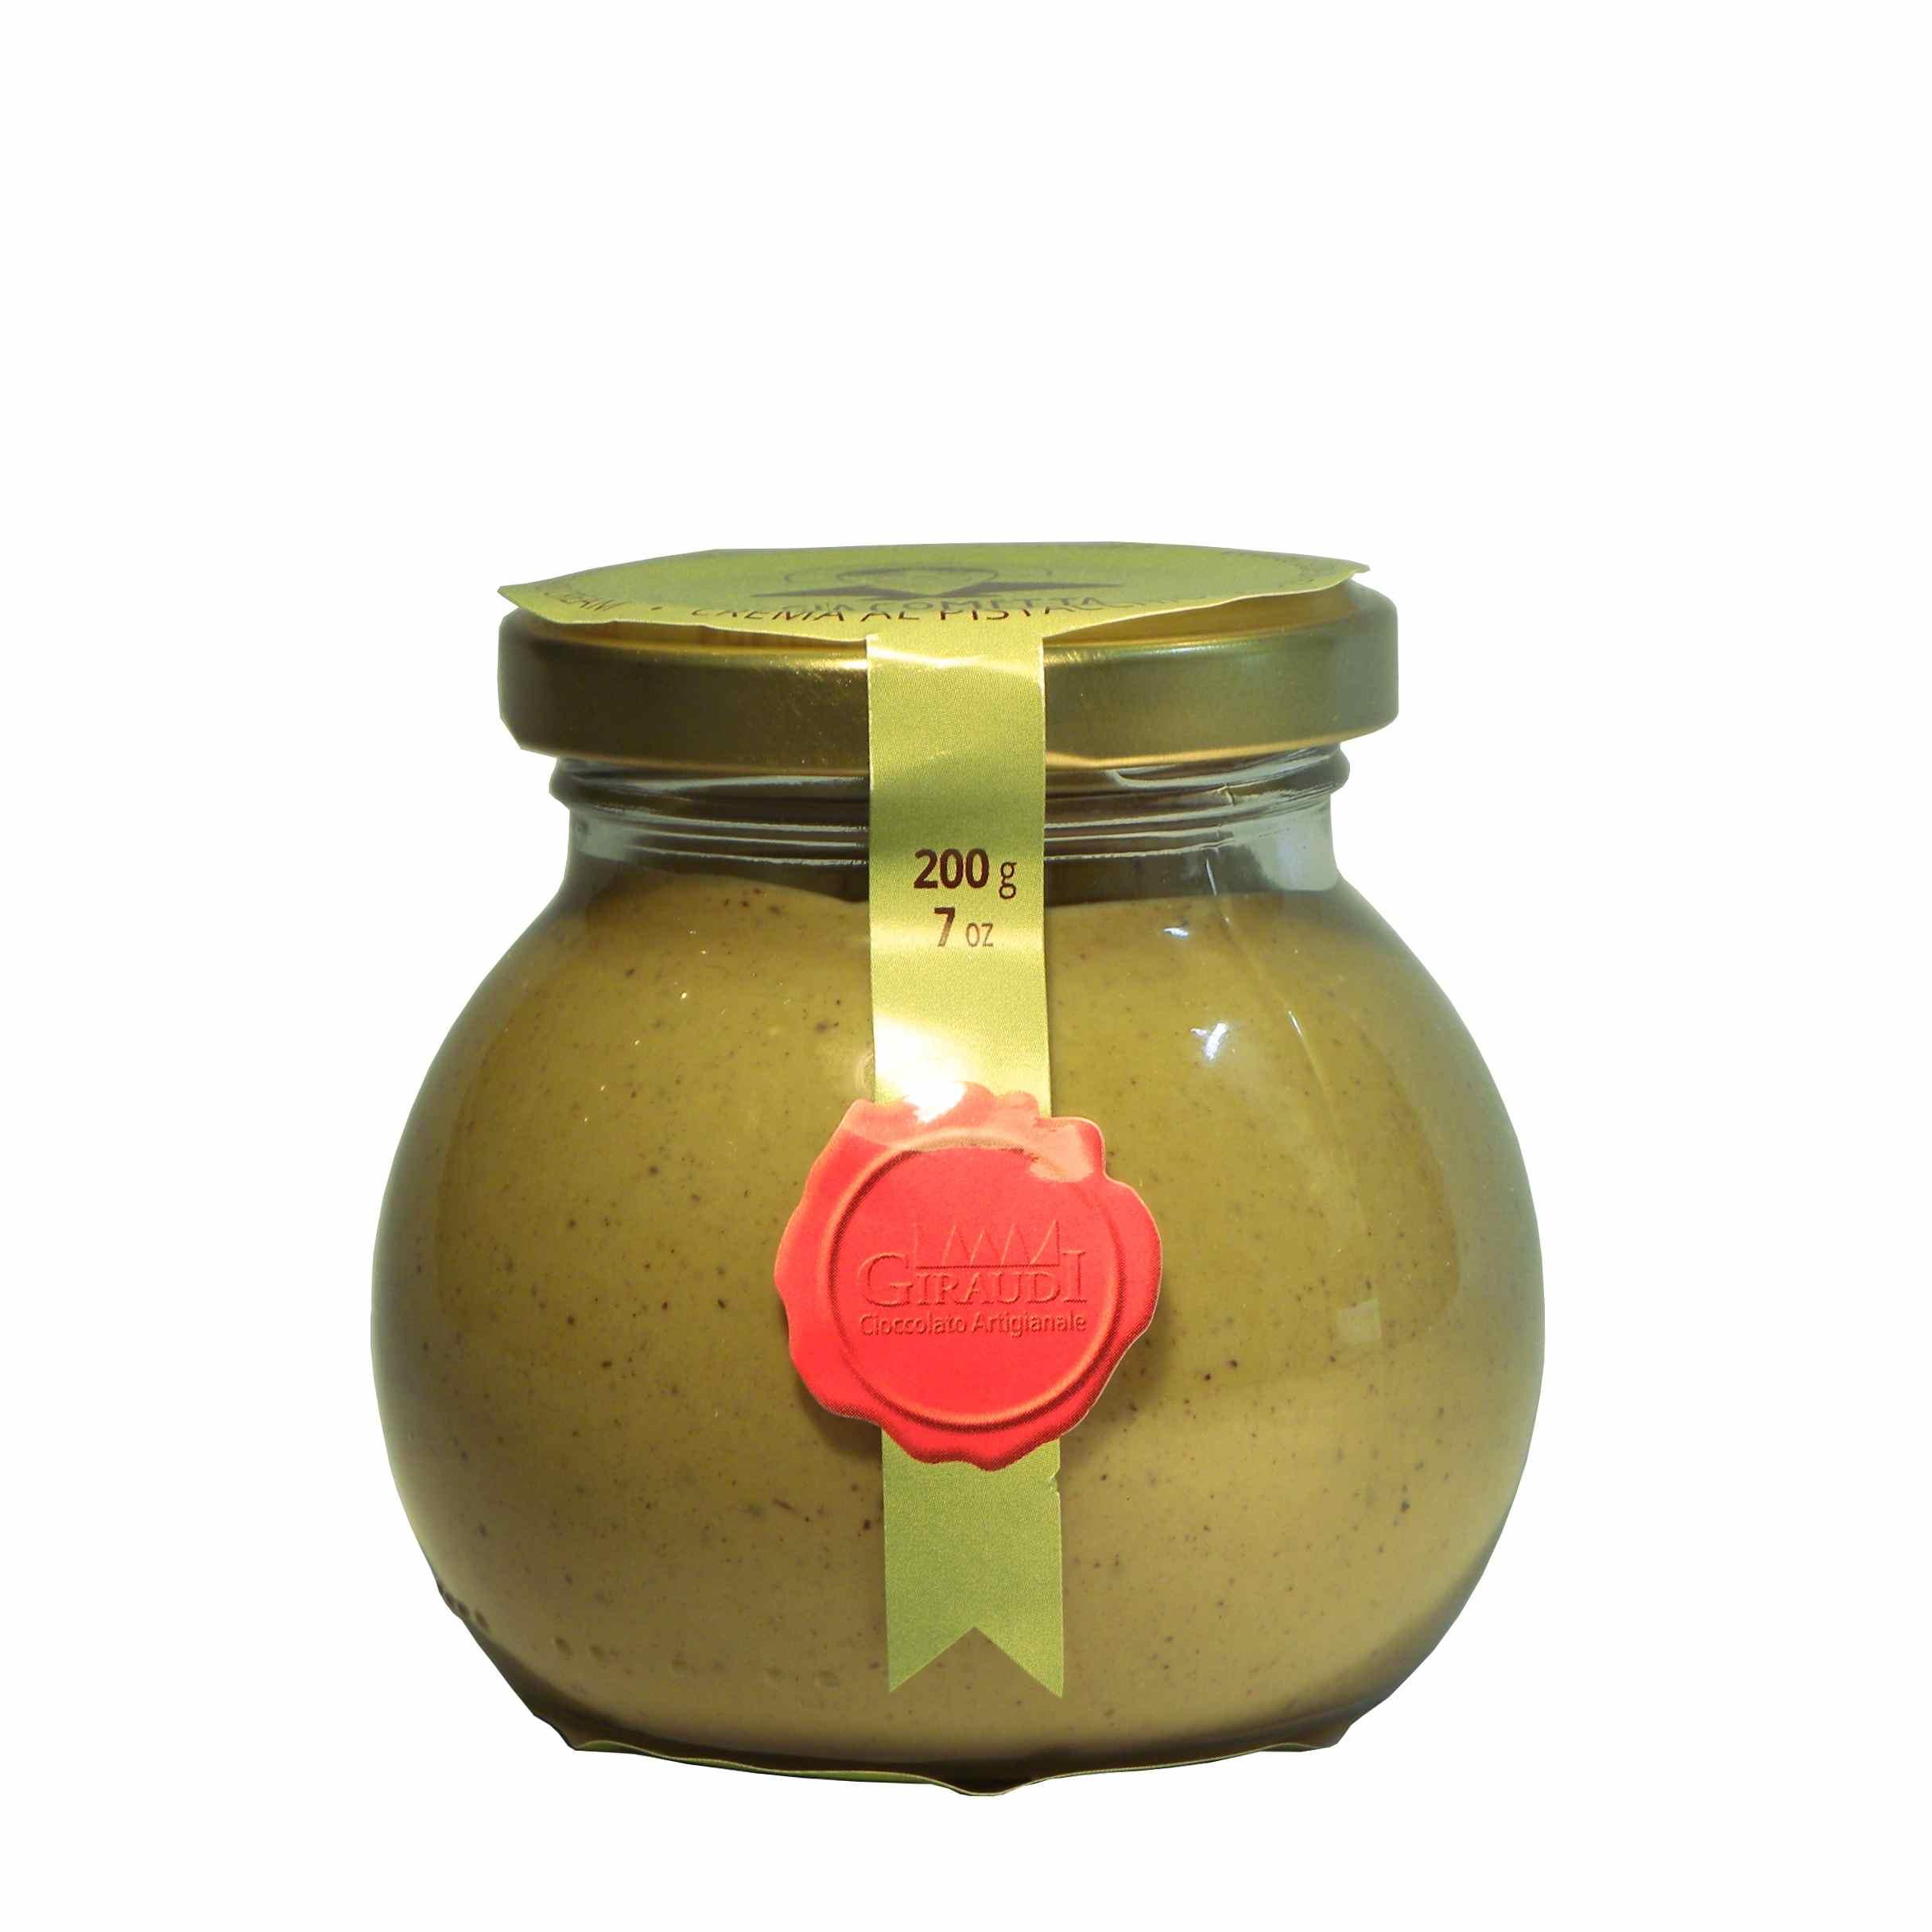 Giraudi Giacometta pistacchio- Giraudi pistachio spread – Gustorotondo – Italian food boutique